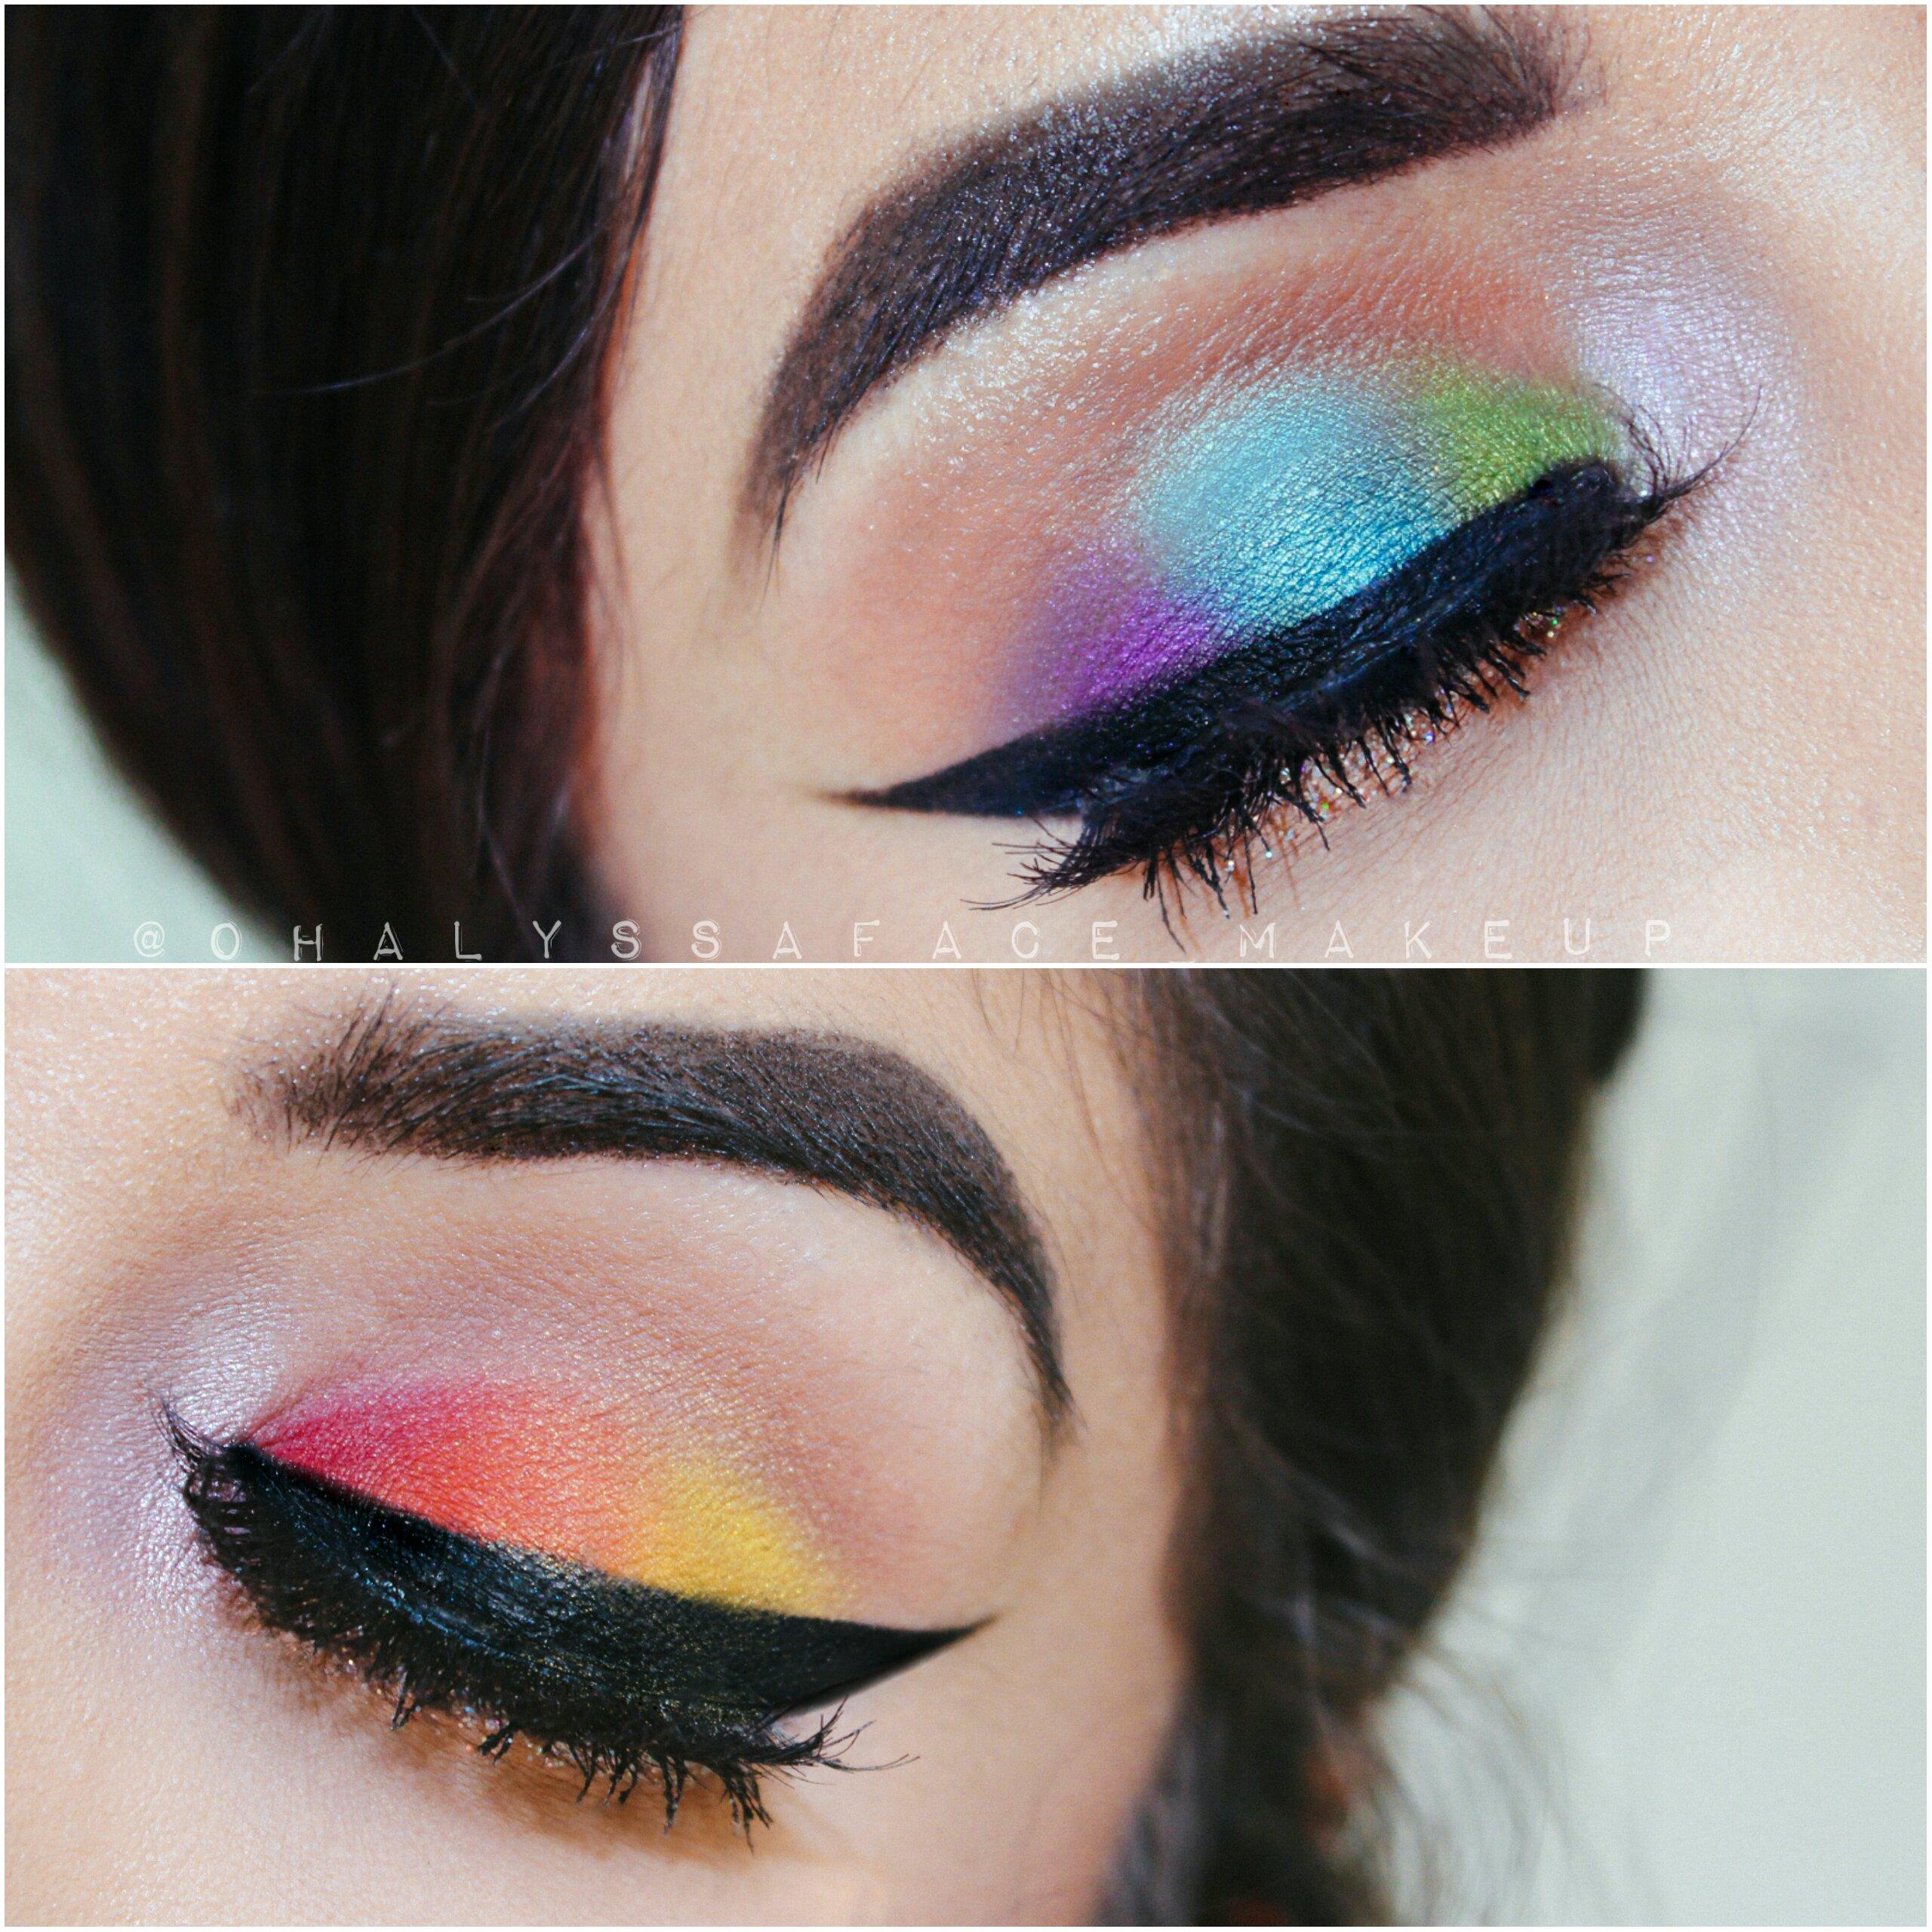 MakeupGeek Cosmetics Makeup Geek Shadows Rainbow Makeup Power of Makeup Makeup for Orlando Orlando Shooting Creative Makeup Pulse Shooting Koko Lashes LGBT